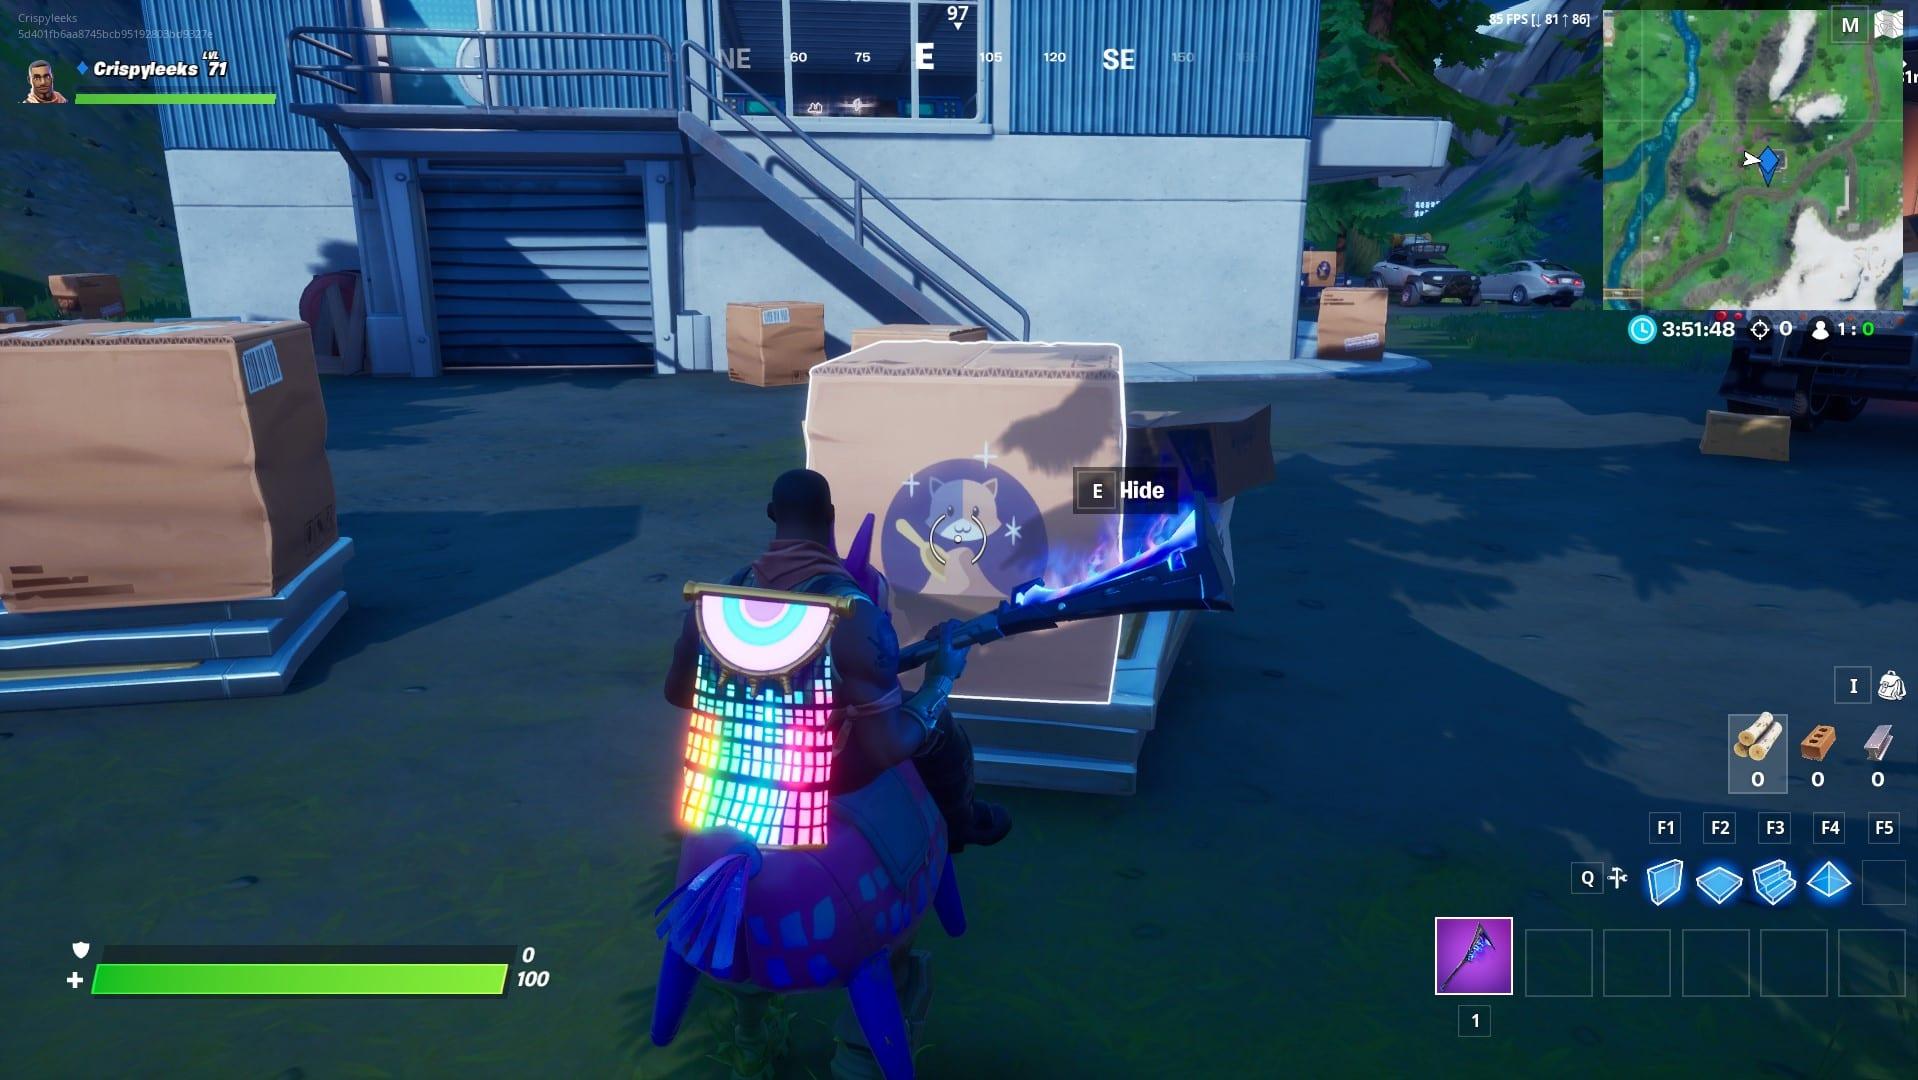 Cartón arrastrándose en Box Factory en Fortnite